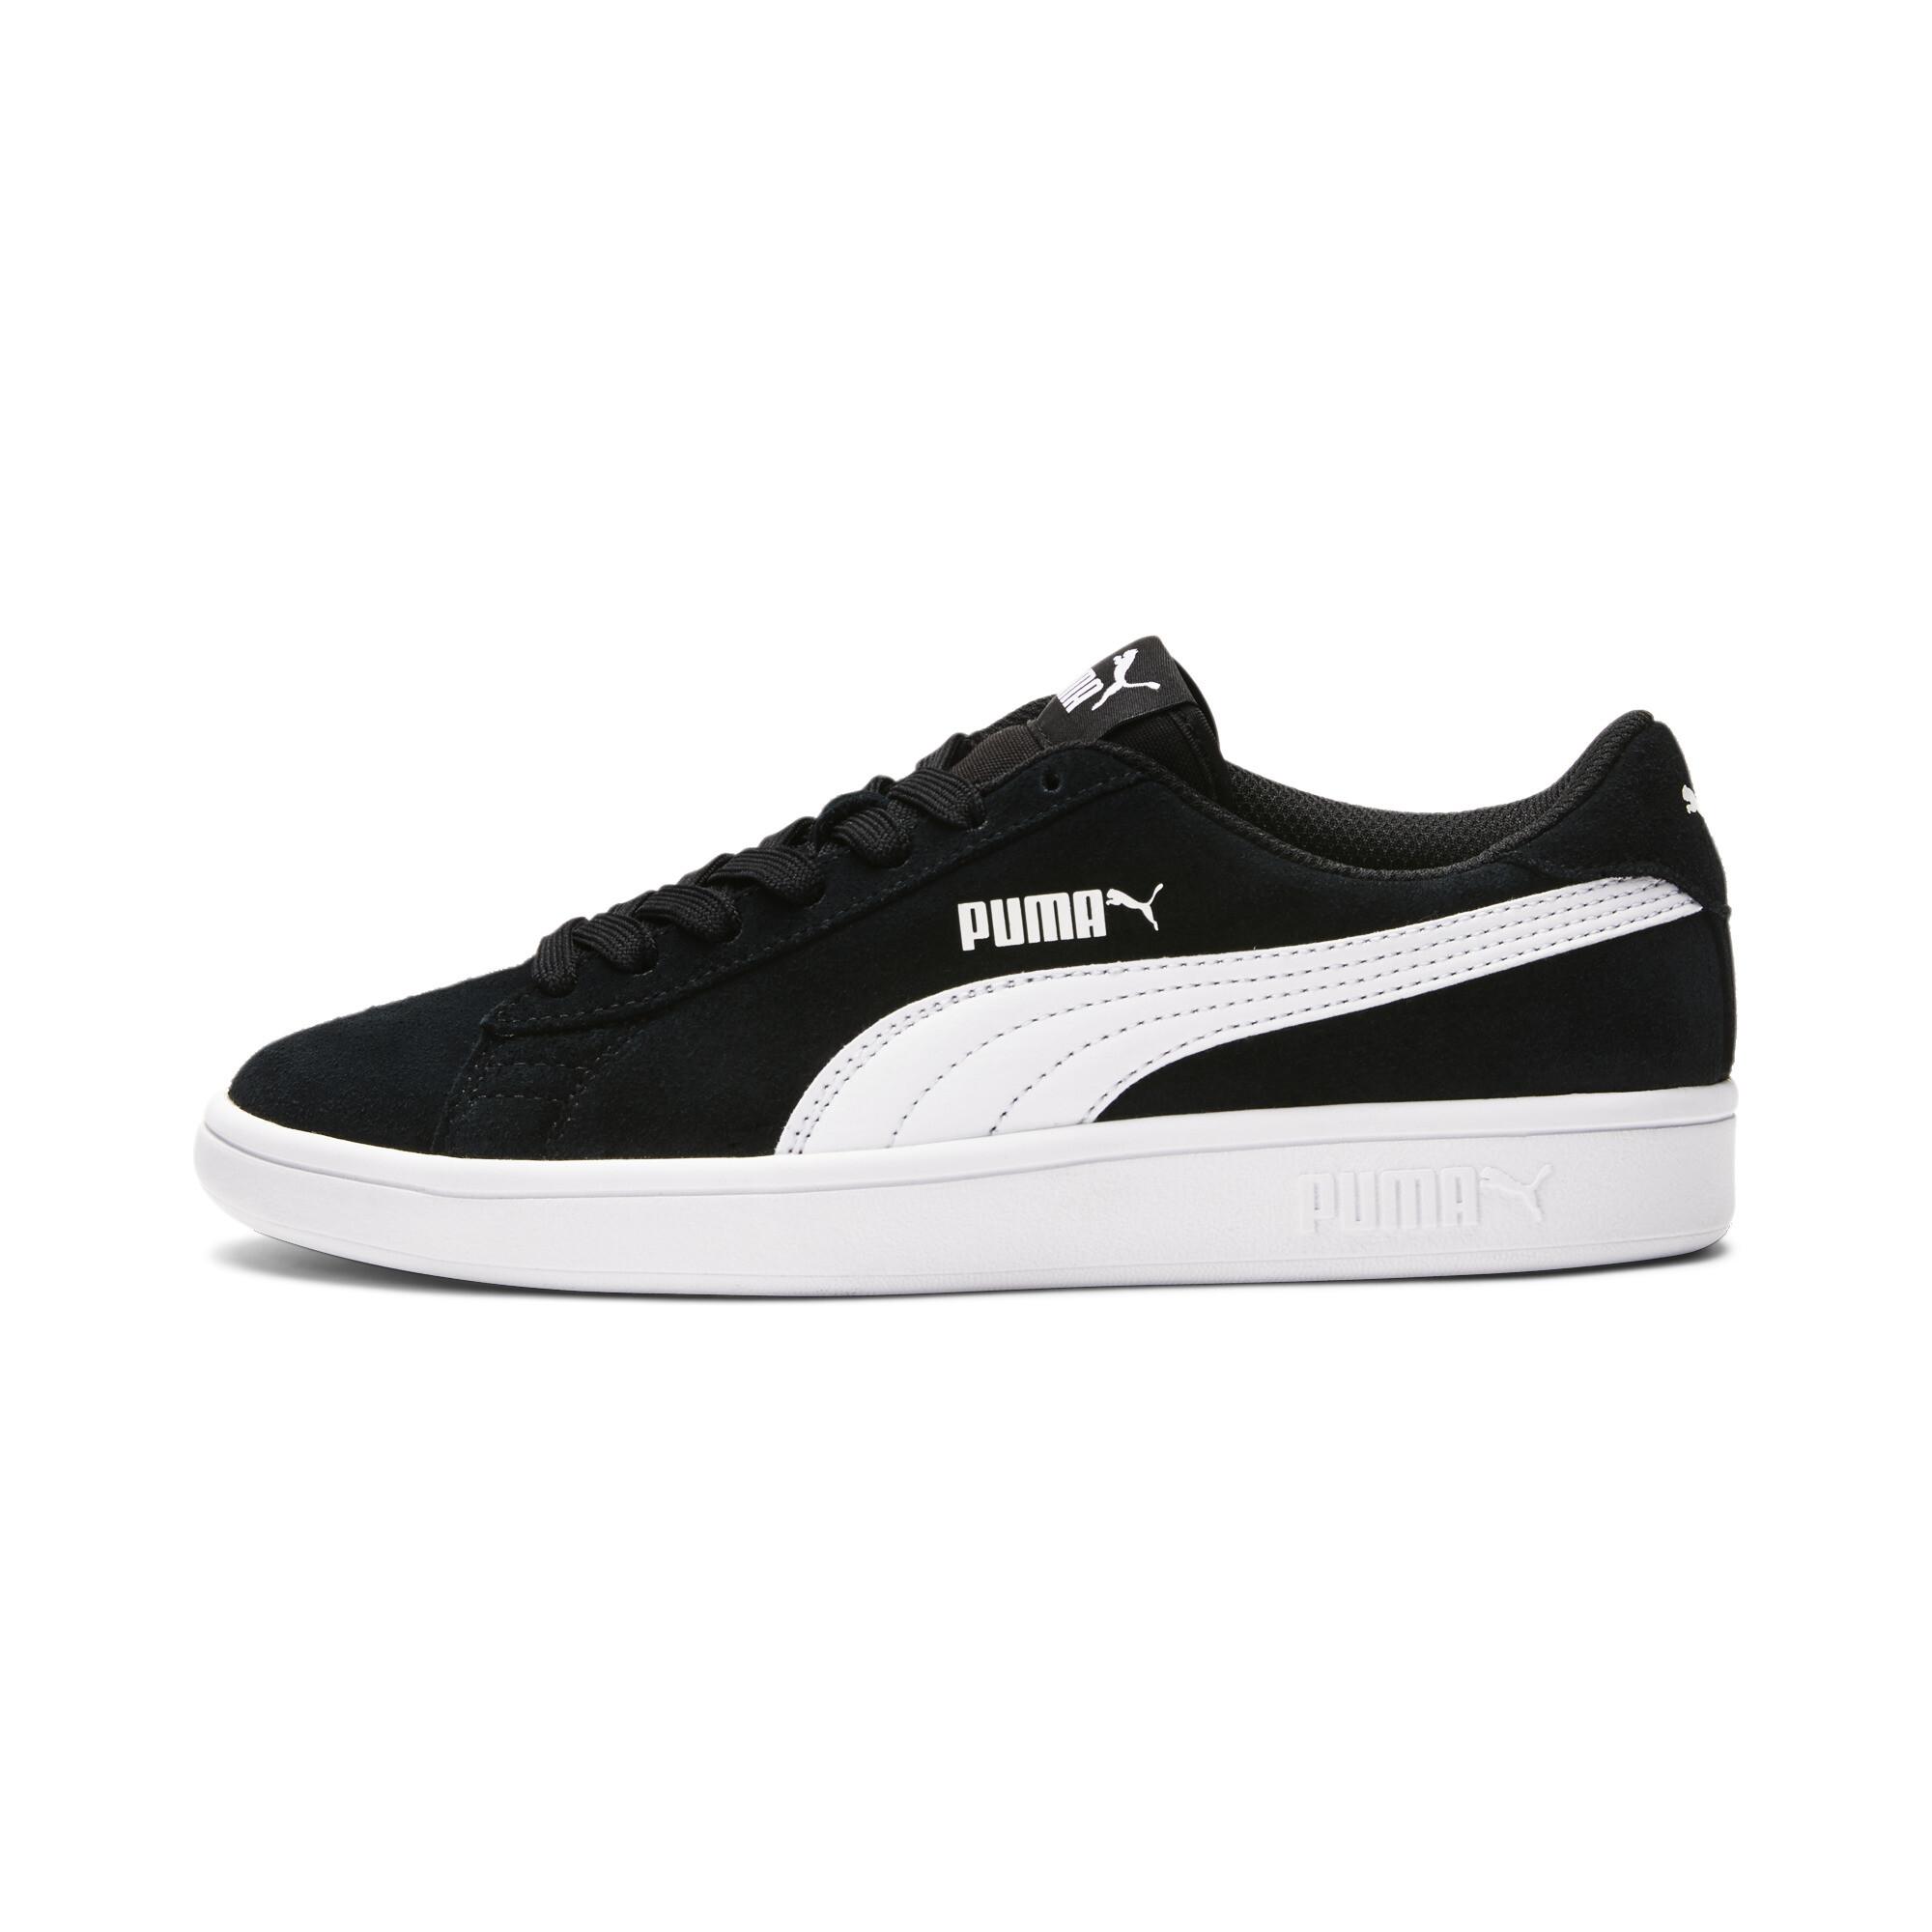 miniature 5 - Puma Junior Smash v2 Suede Sneakers